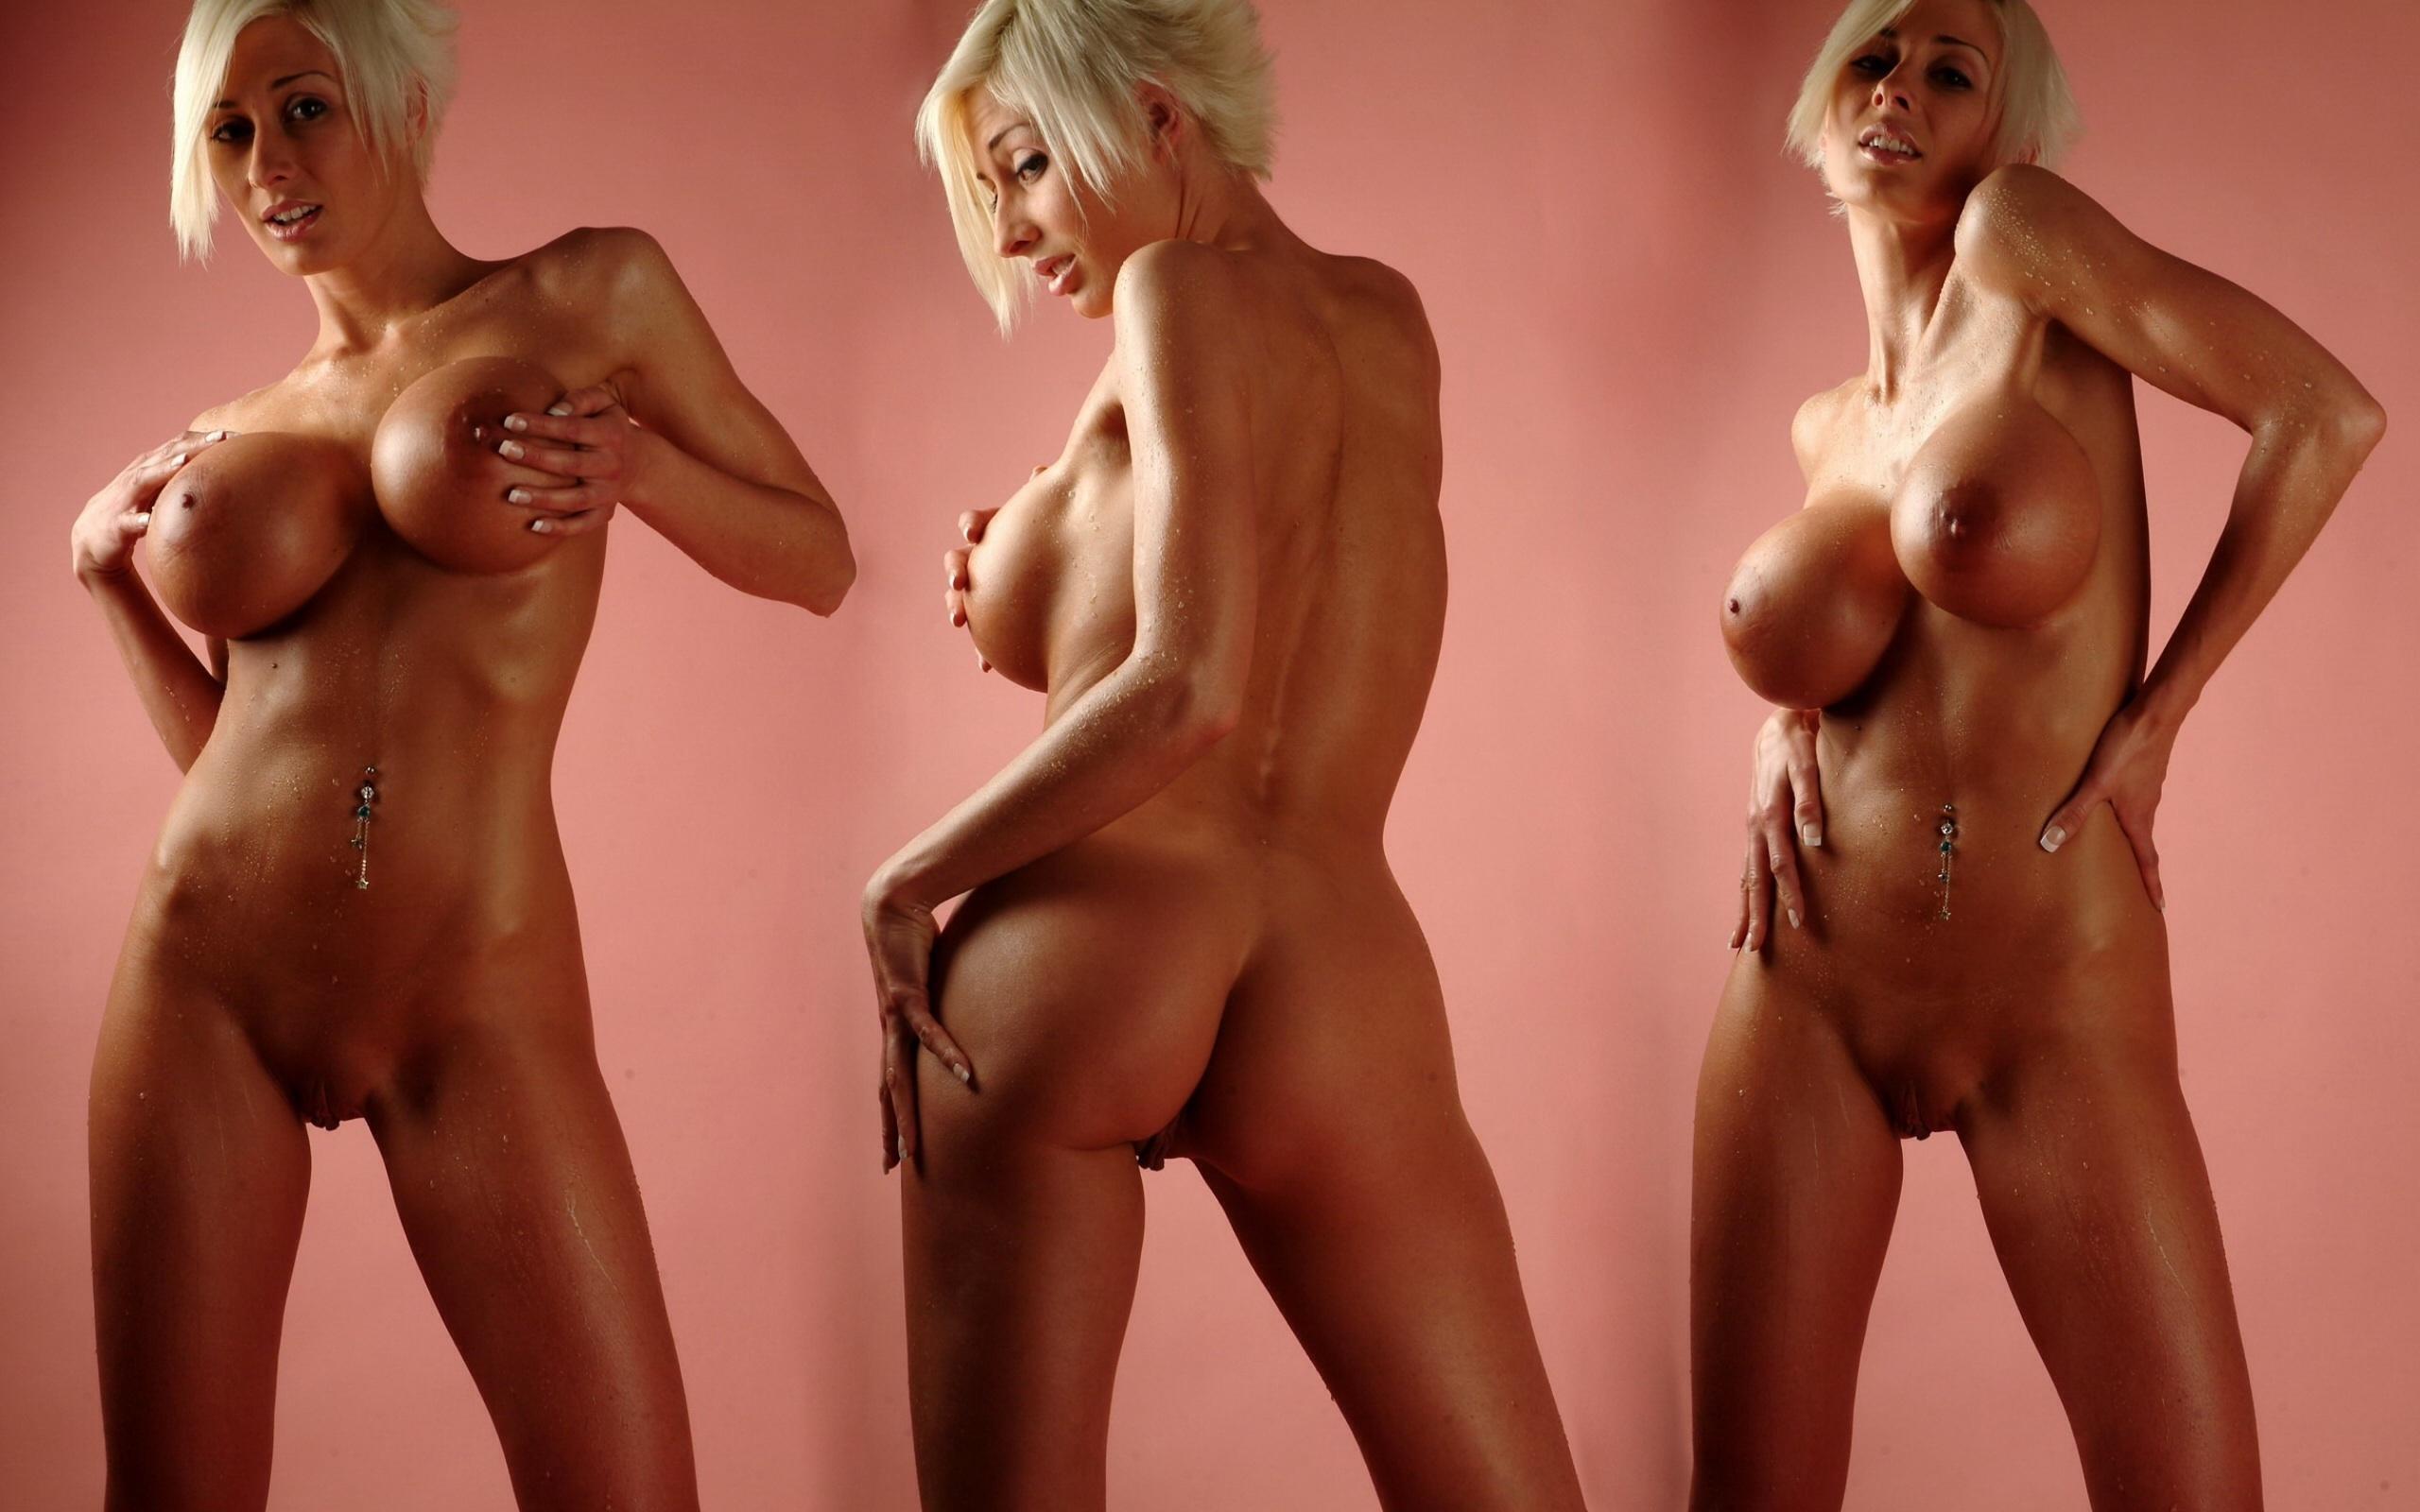 Фото украинские порно модели 28 фотография